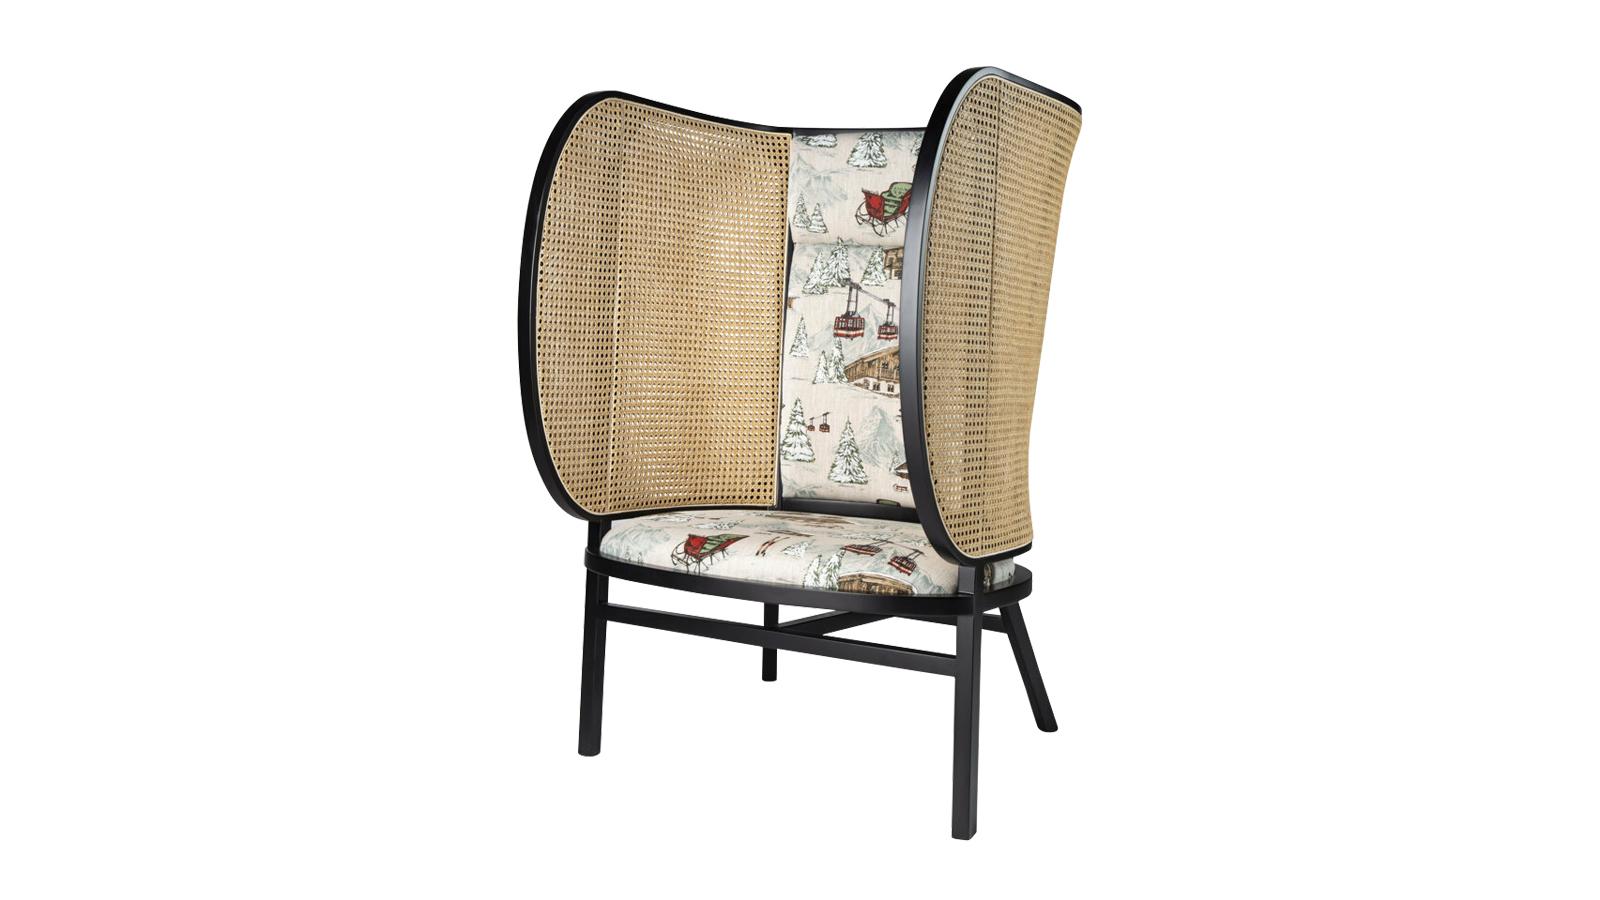 """A svéd Front designcsapat által tervezett karosszék egyszerre hagyományos és újszerű. A Thonet felkérésére készített bútordarab klasszikus formát idéz és tradicionális anyagokból készül, ugyanakkor oversize """"fülesei"""" révén humoros, látványos és modern. Mindemellett pedig tökéletes intimitást garantál, így jó szolgálatot tehet bármilyen közösségi térben."""